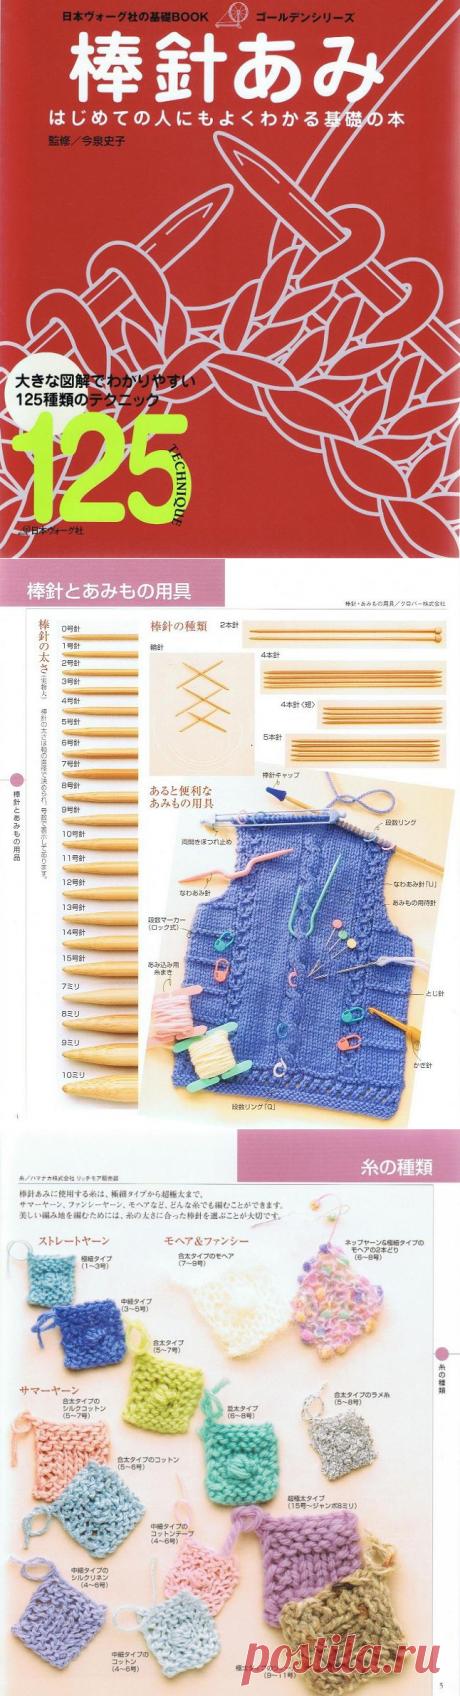 Японский самоучитель по вязанию спицами